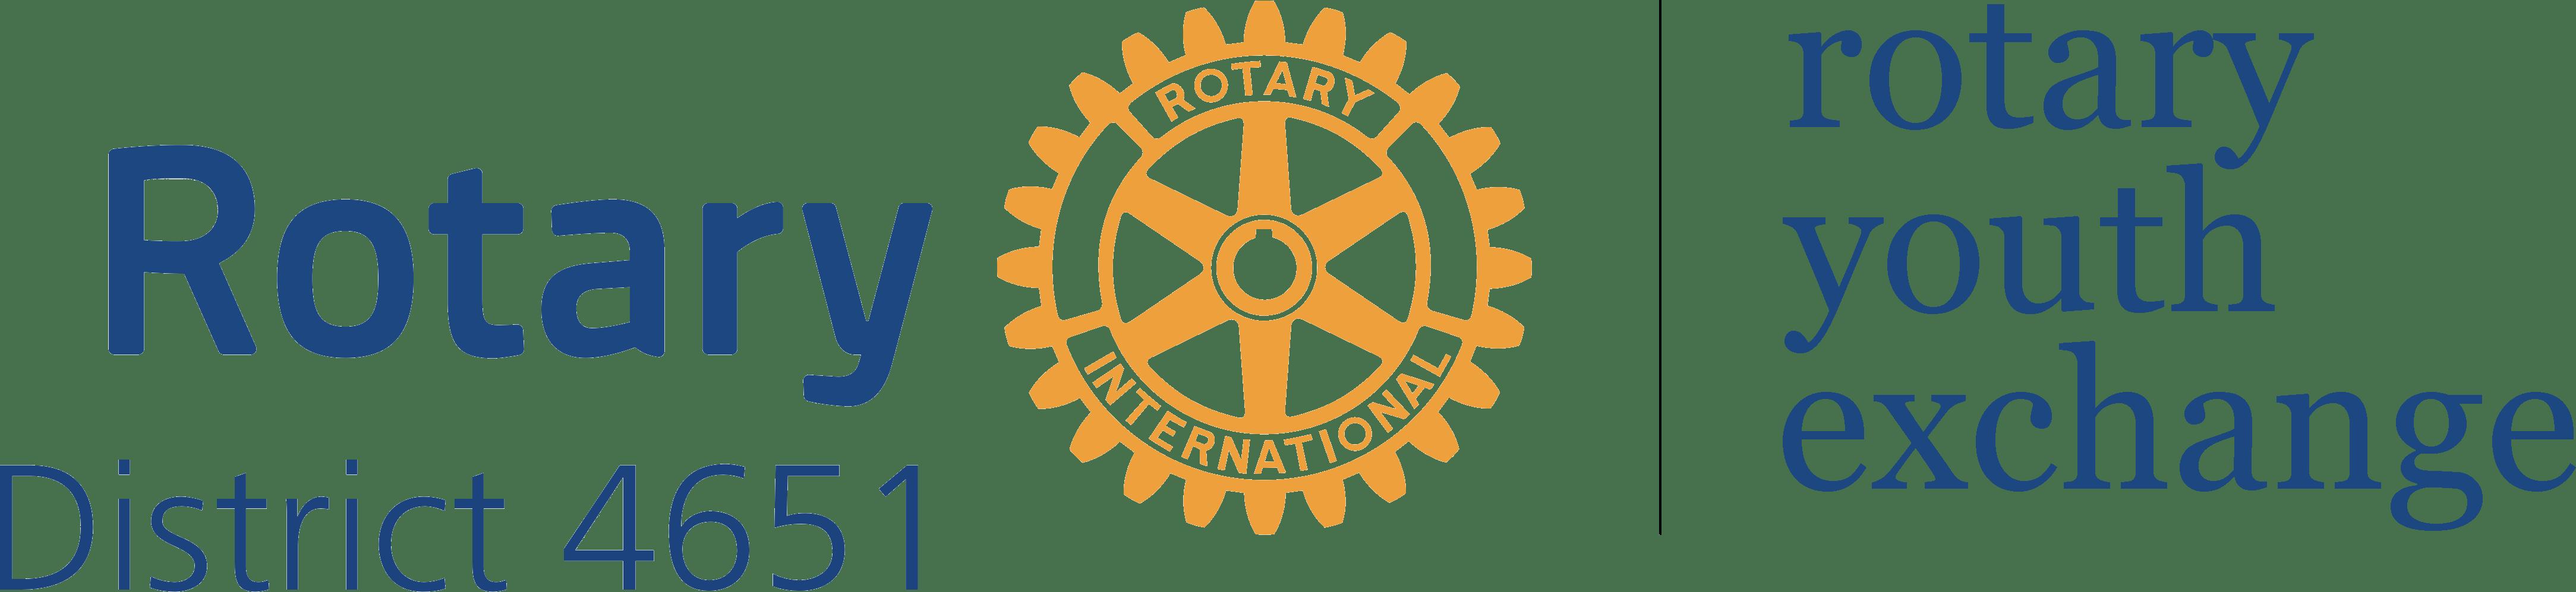 Intercambio Rotary